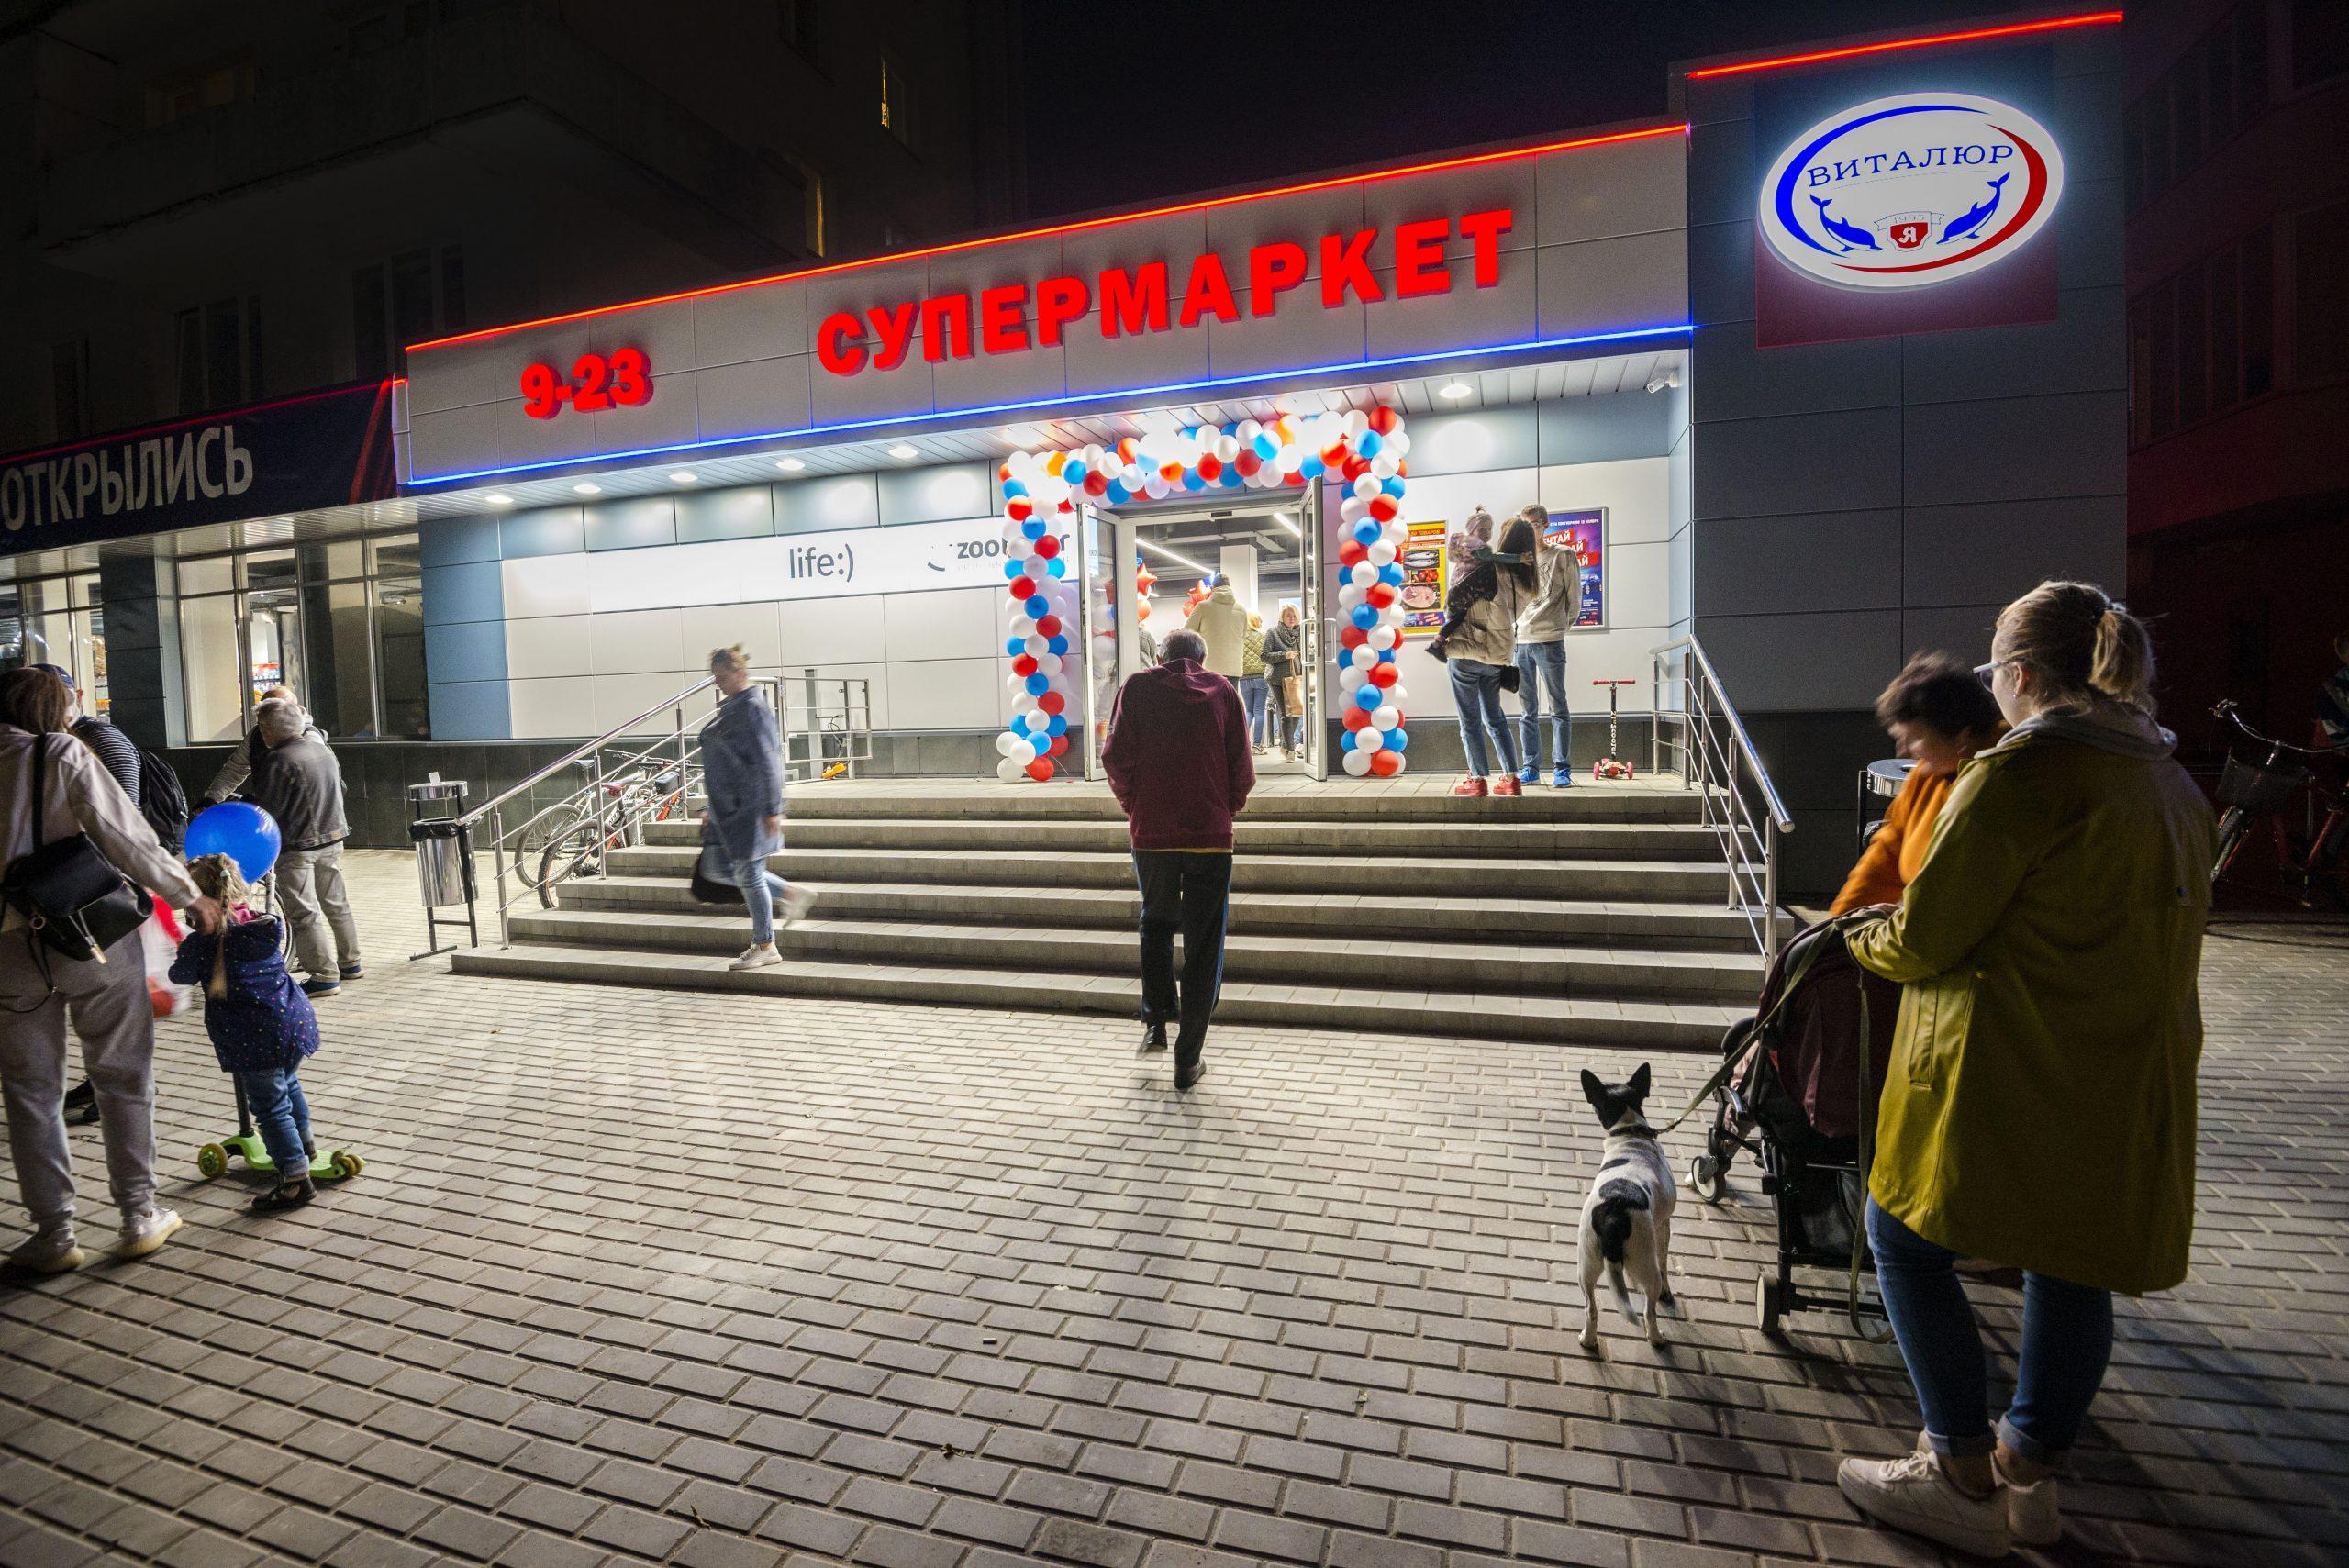 «Виталюр»-второй! Витебск - Юг-4,5,6 с новым супермаркетом!